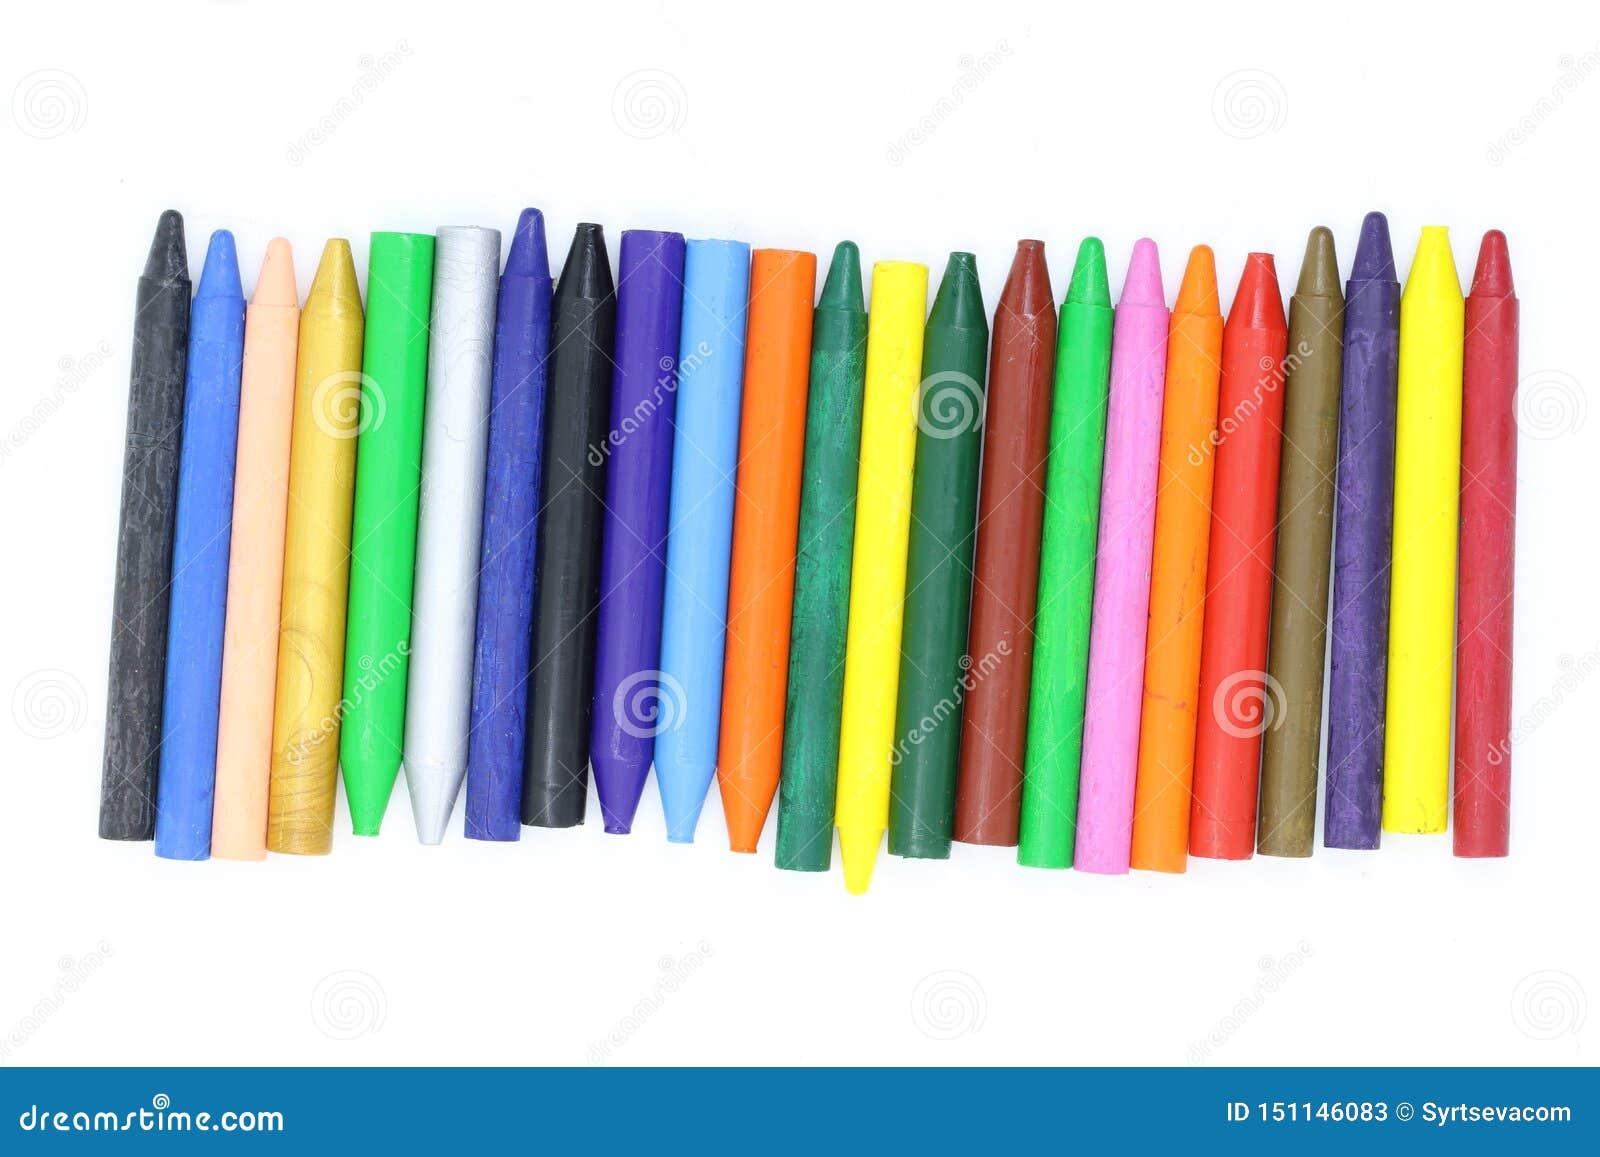 Viele farbigen Wachszeichenstifte schließen oben, einwachsen Zeichenstifte für das Zeichnen, Schulbedarf, Wachszeichenstifte für